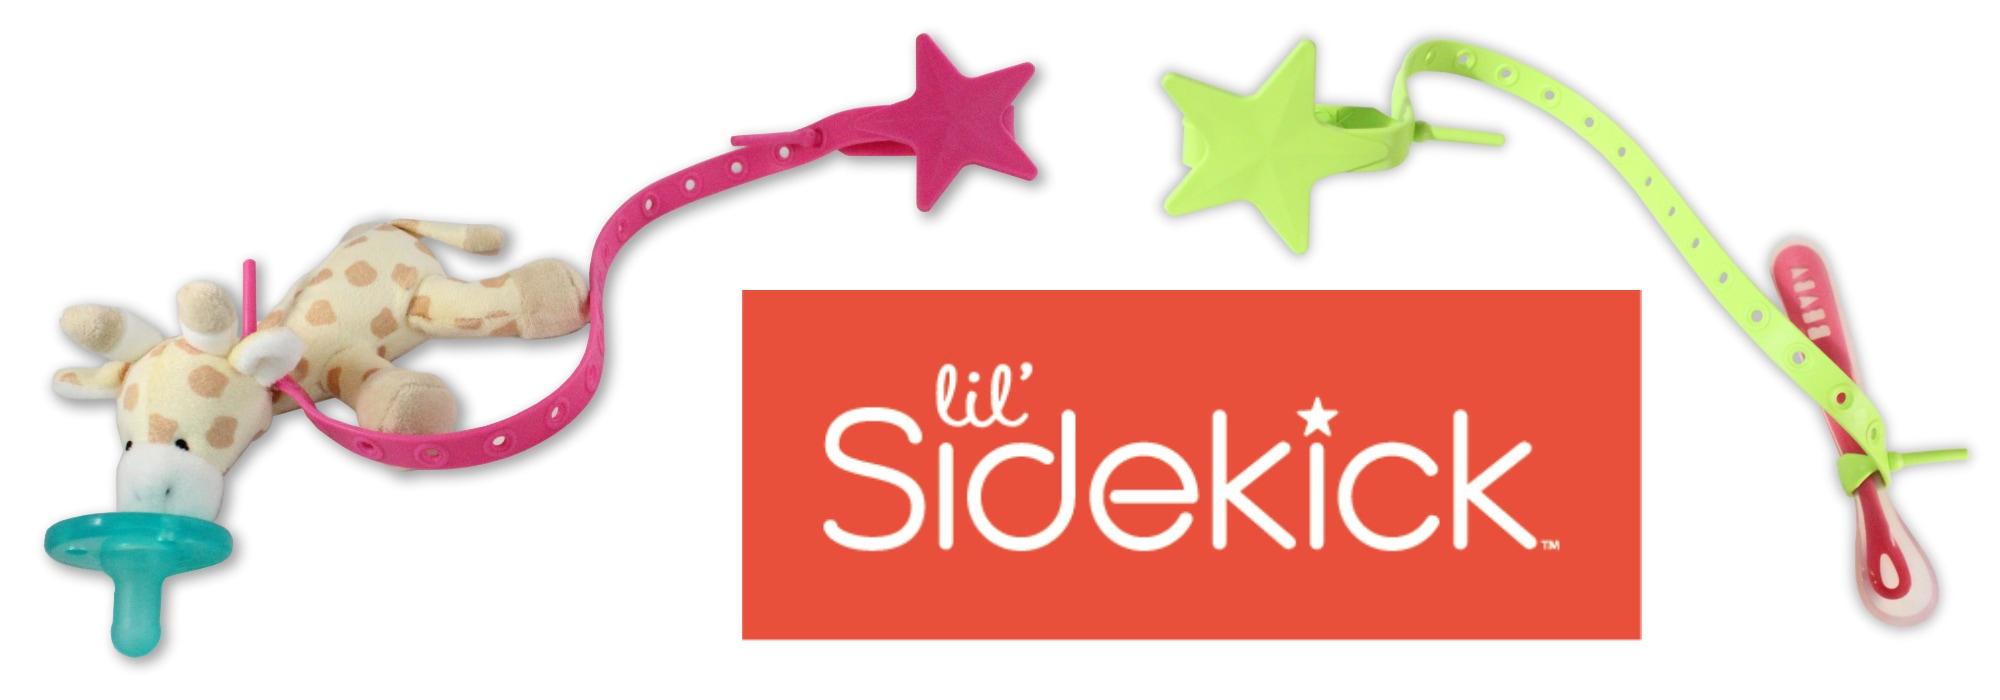 Win a Lil' Sidekick Tether in US Japan Fam's $500 value